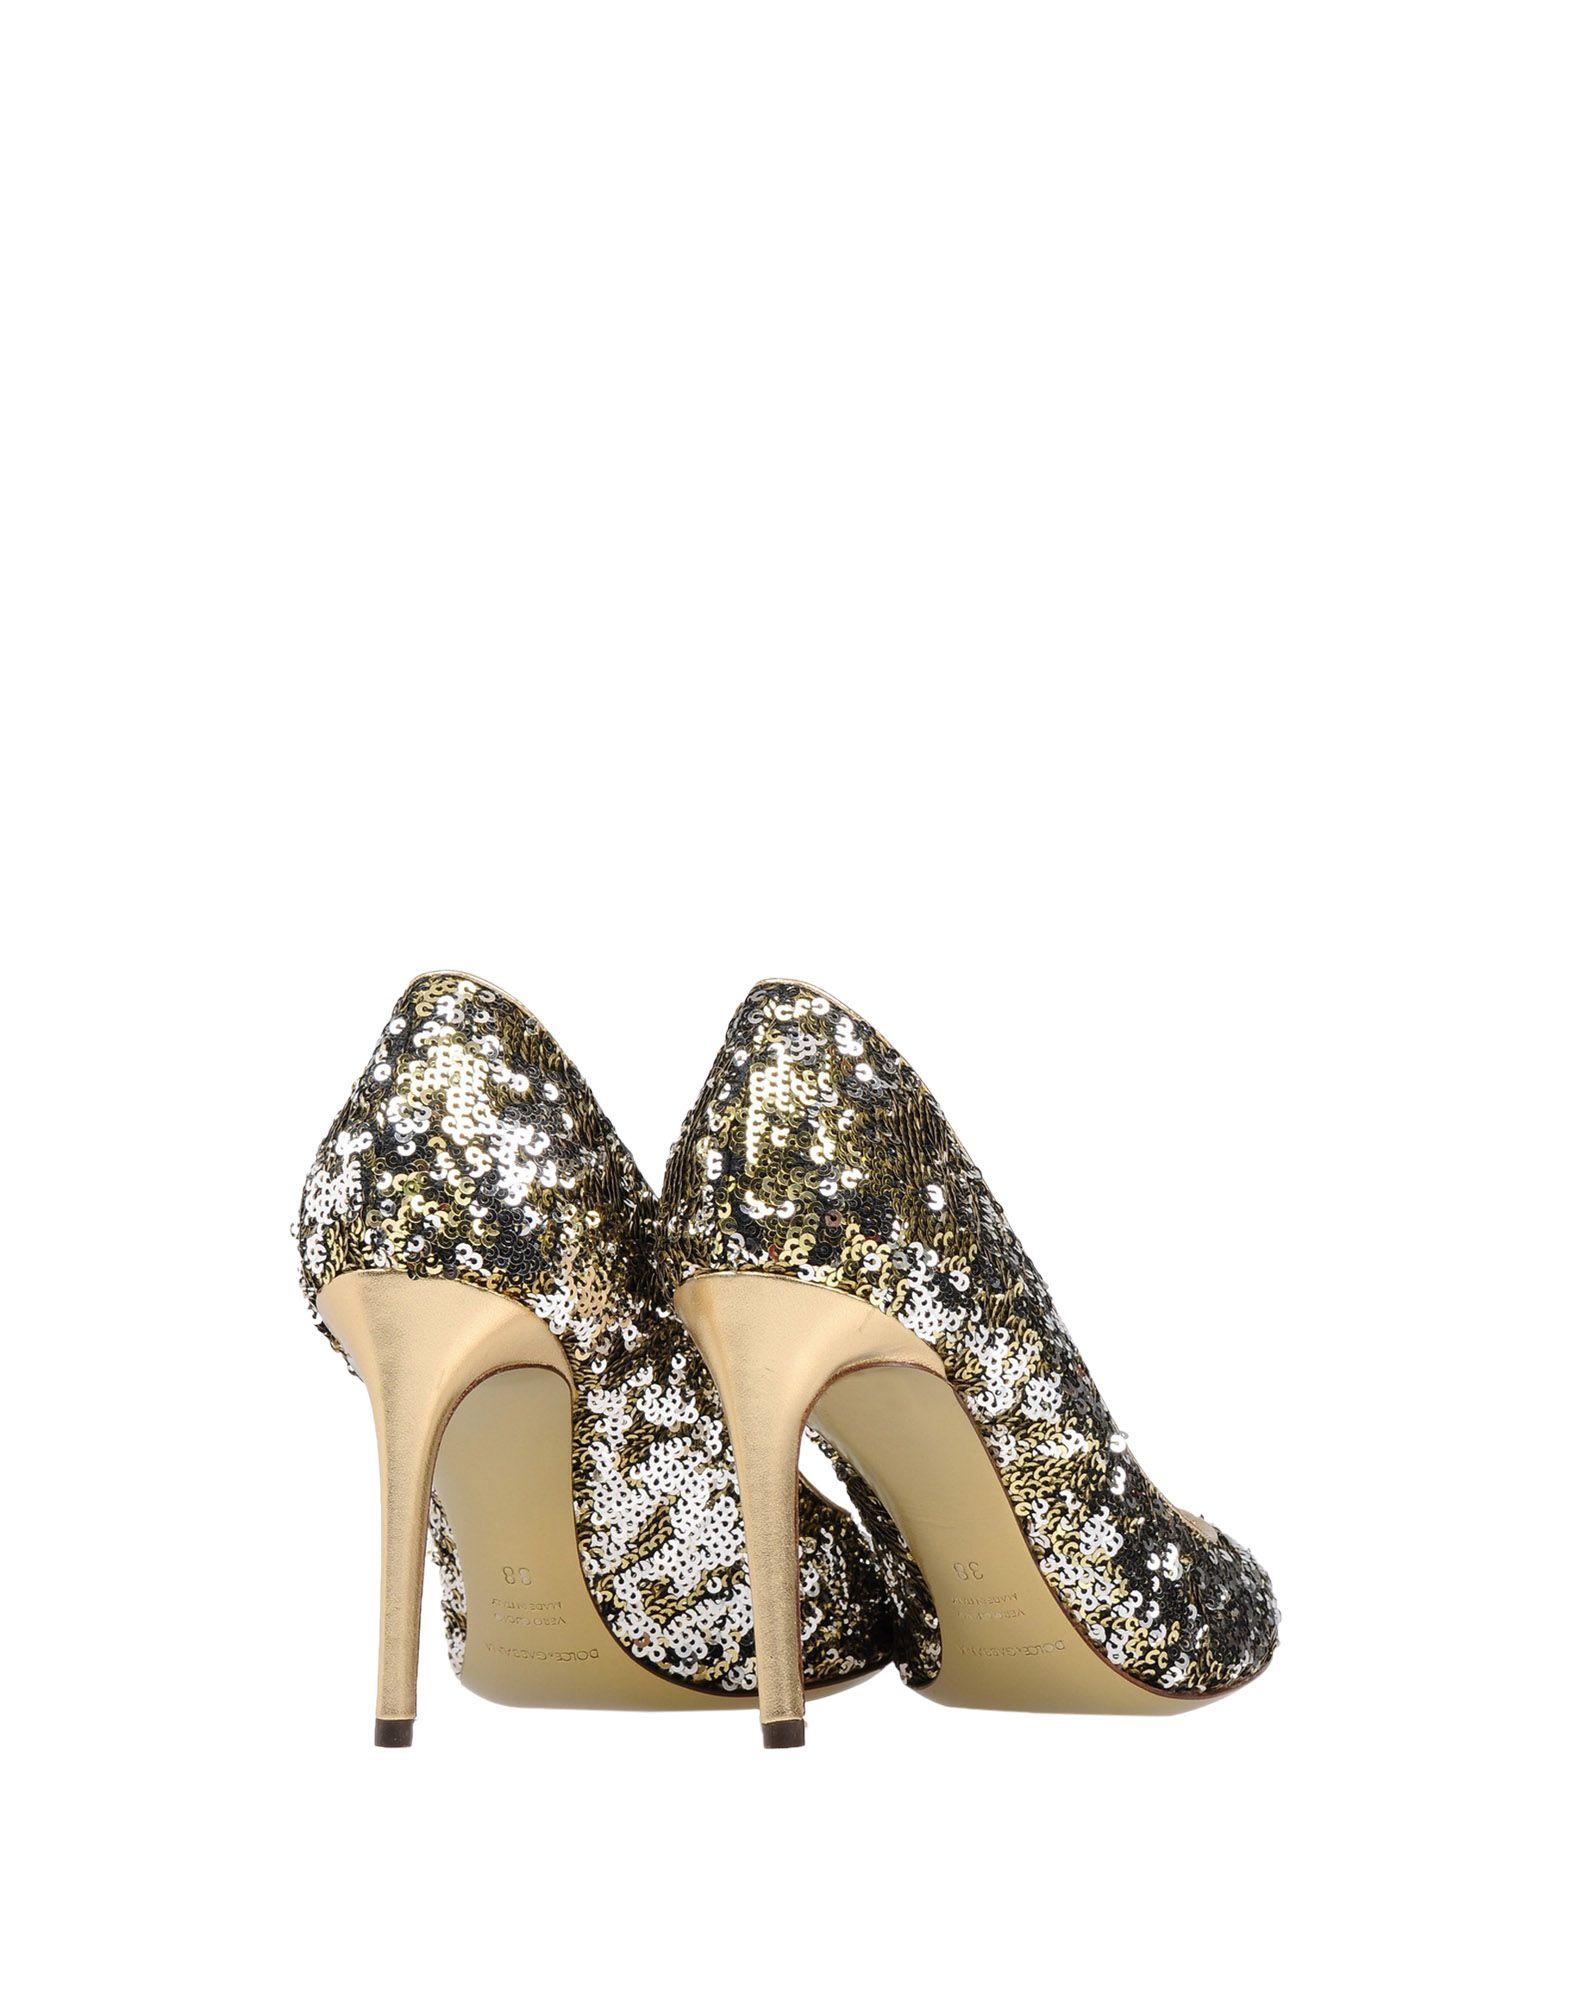 Dolce & Gabbana Pumps Damen Schuhe  11481131UDGünstige gut aussehende Schuhe Damen 1b15b5